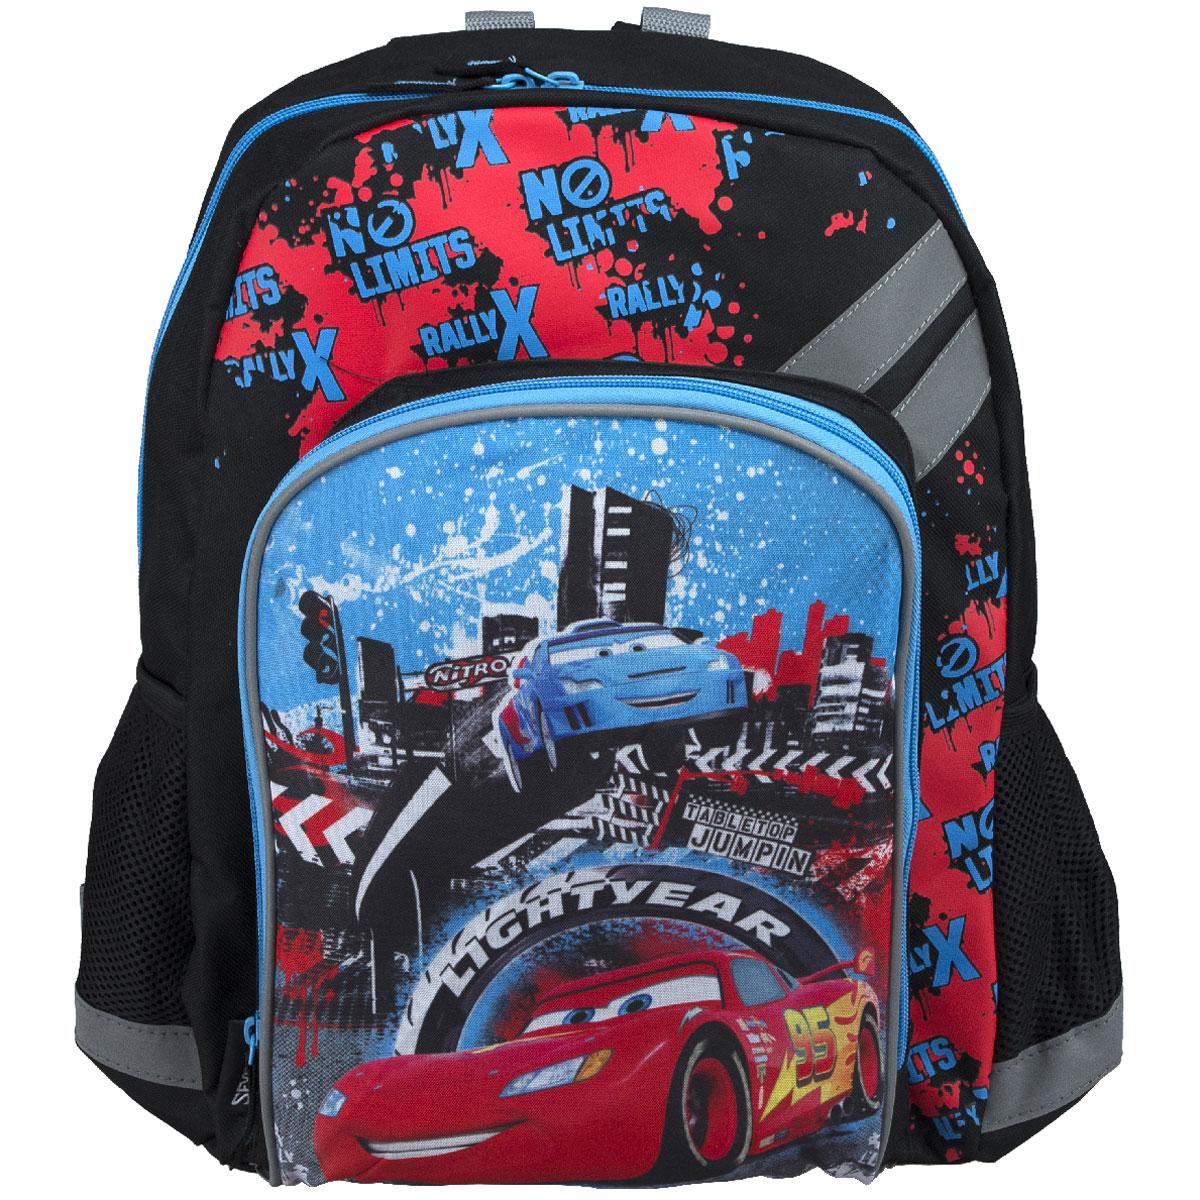 Рюкзак школьный Cars, цвет: черный, голубой, красный. CRCB-MT1-988MCRCB-MT1-988MРюкзак школьный Cars обязательно привлечет внимание вашего школьника. Выполнен из прочных и высококачественных материалов, дополнен изображением героев из мультфильма Тачки. Содержит одно вместительное отделение, закрывающееся на застежку-молнию с двумя бегунками. Внутри отделения находятся две перегородки для тетрадей или учебников, фиксирующиеся резинкой. Дно рюкзака можно сделать жестким, разложив специальную панель с пластиковой вставкой, что повышает сохранность содержимого рюкзака и способствует правильному распределению нагрузки. Лицевая сторона оснащена накладным карманом на молнии. По бокам расположены два накладных кармана-сетка. Конструкция спинки дополнена противоскользящей сеточкой и системой вентиляции для предотвращения запотевания спины ребенка. Мягкие широкие лямки S-образной позволяют легко и быстро отрегулировать рюкзак в соответствии с ростом. Рюкзак оснащен текстильной ручкой для удобной переноски в руке. Светоотражающие элементы...